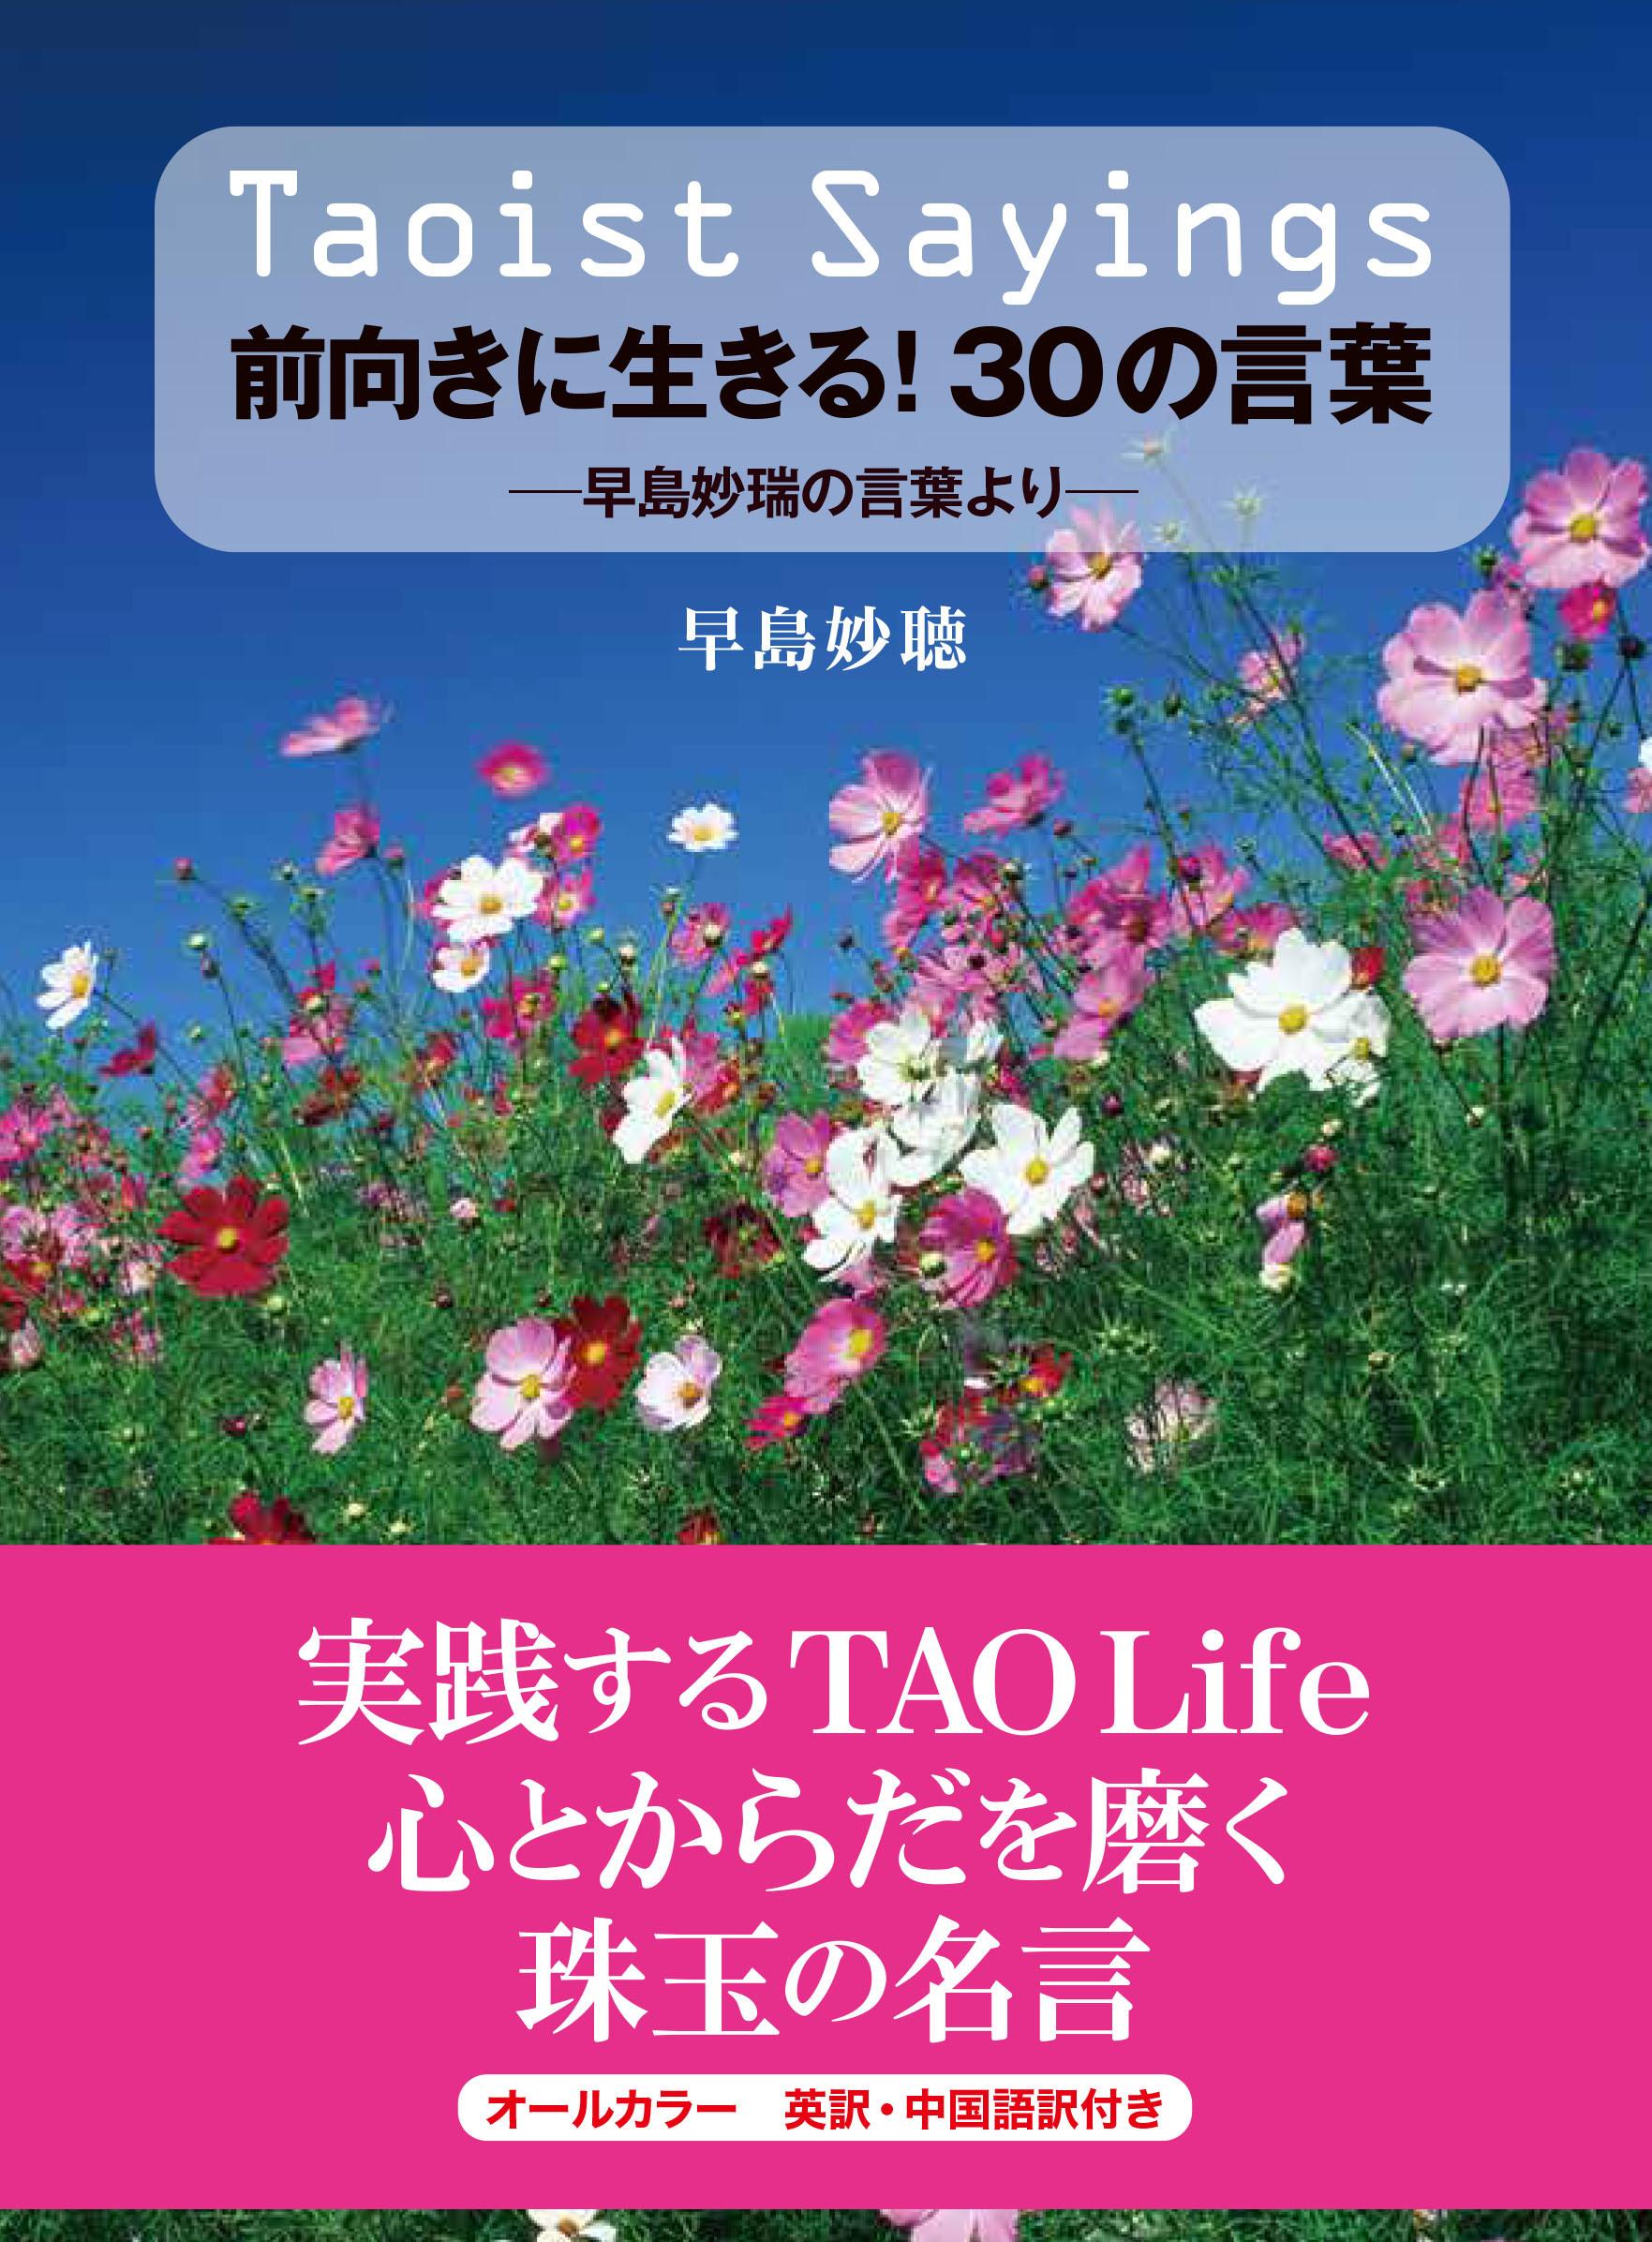 10月末日まで! Taoist Sayings シリーズ 新刊 発売記念 送料無料キャンペーン